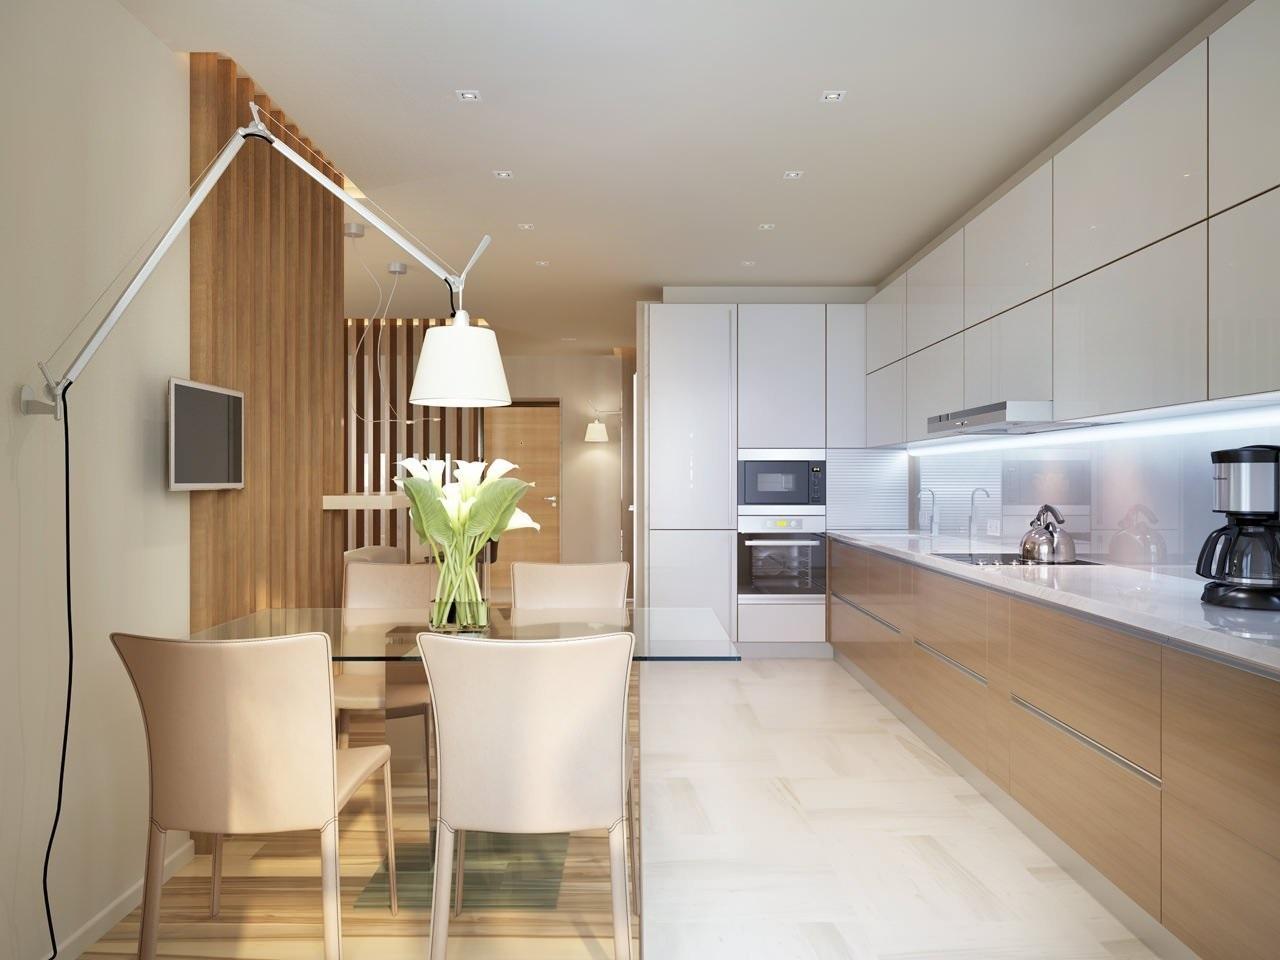 минималистическая кухня